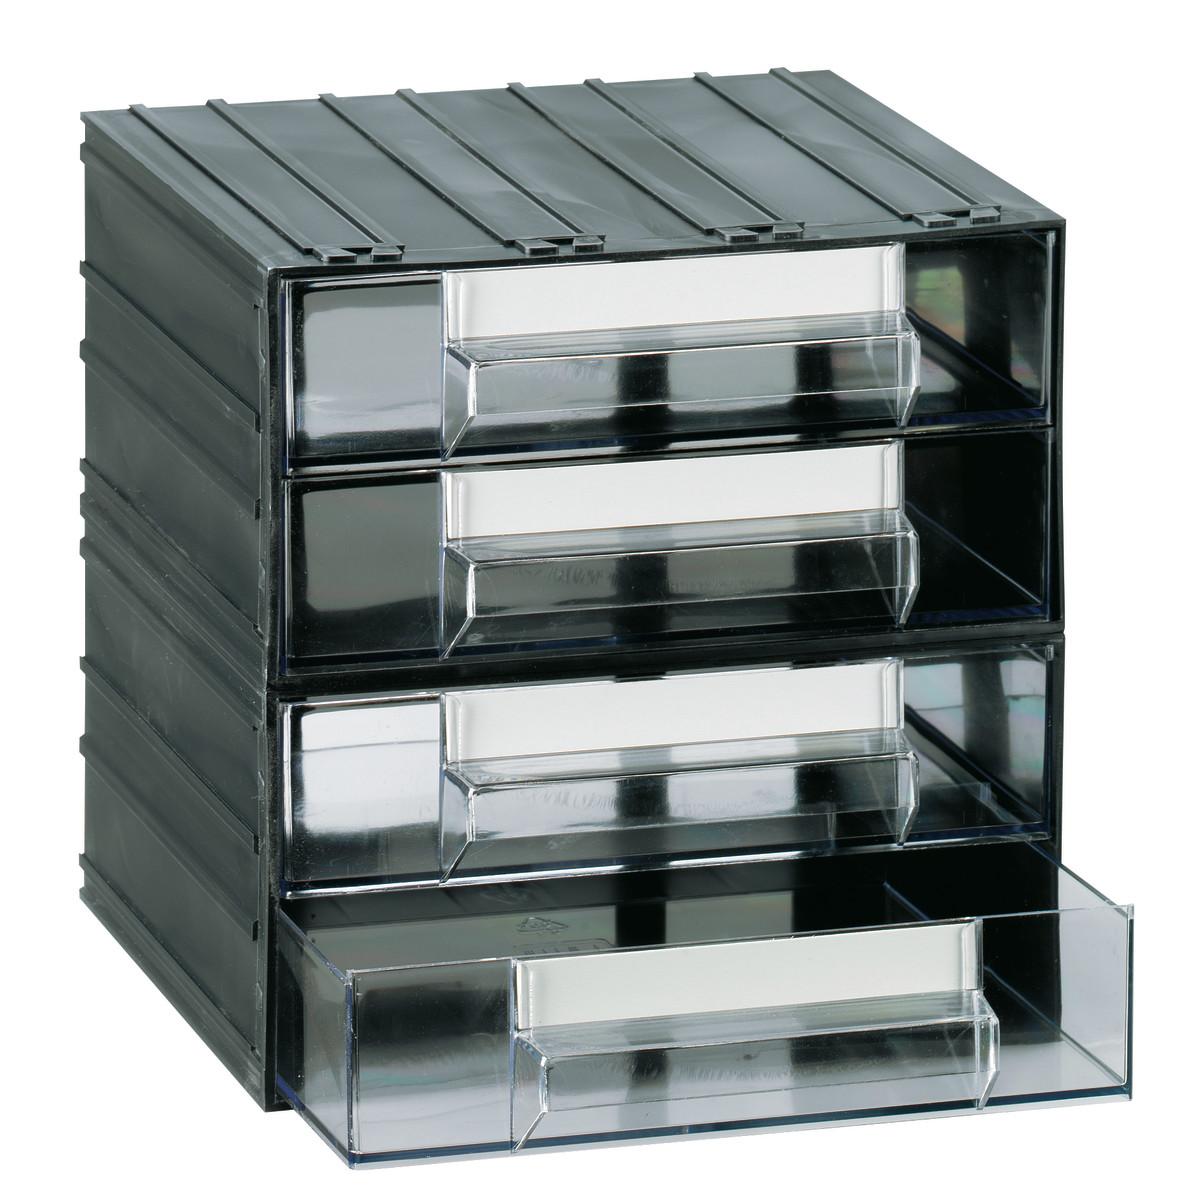 Cassettiera porta minuterie componenti elettronici for Cassettiere trasparenti leroy merlin